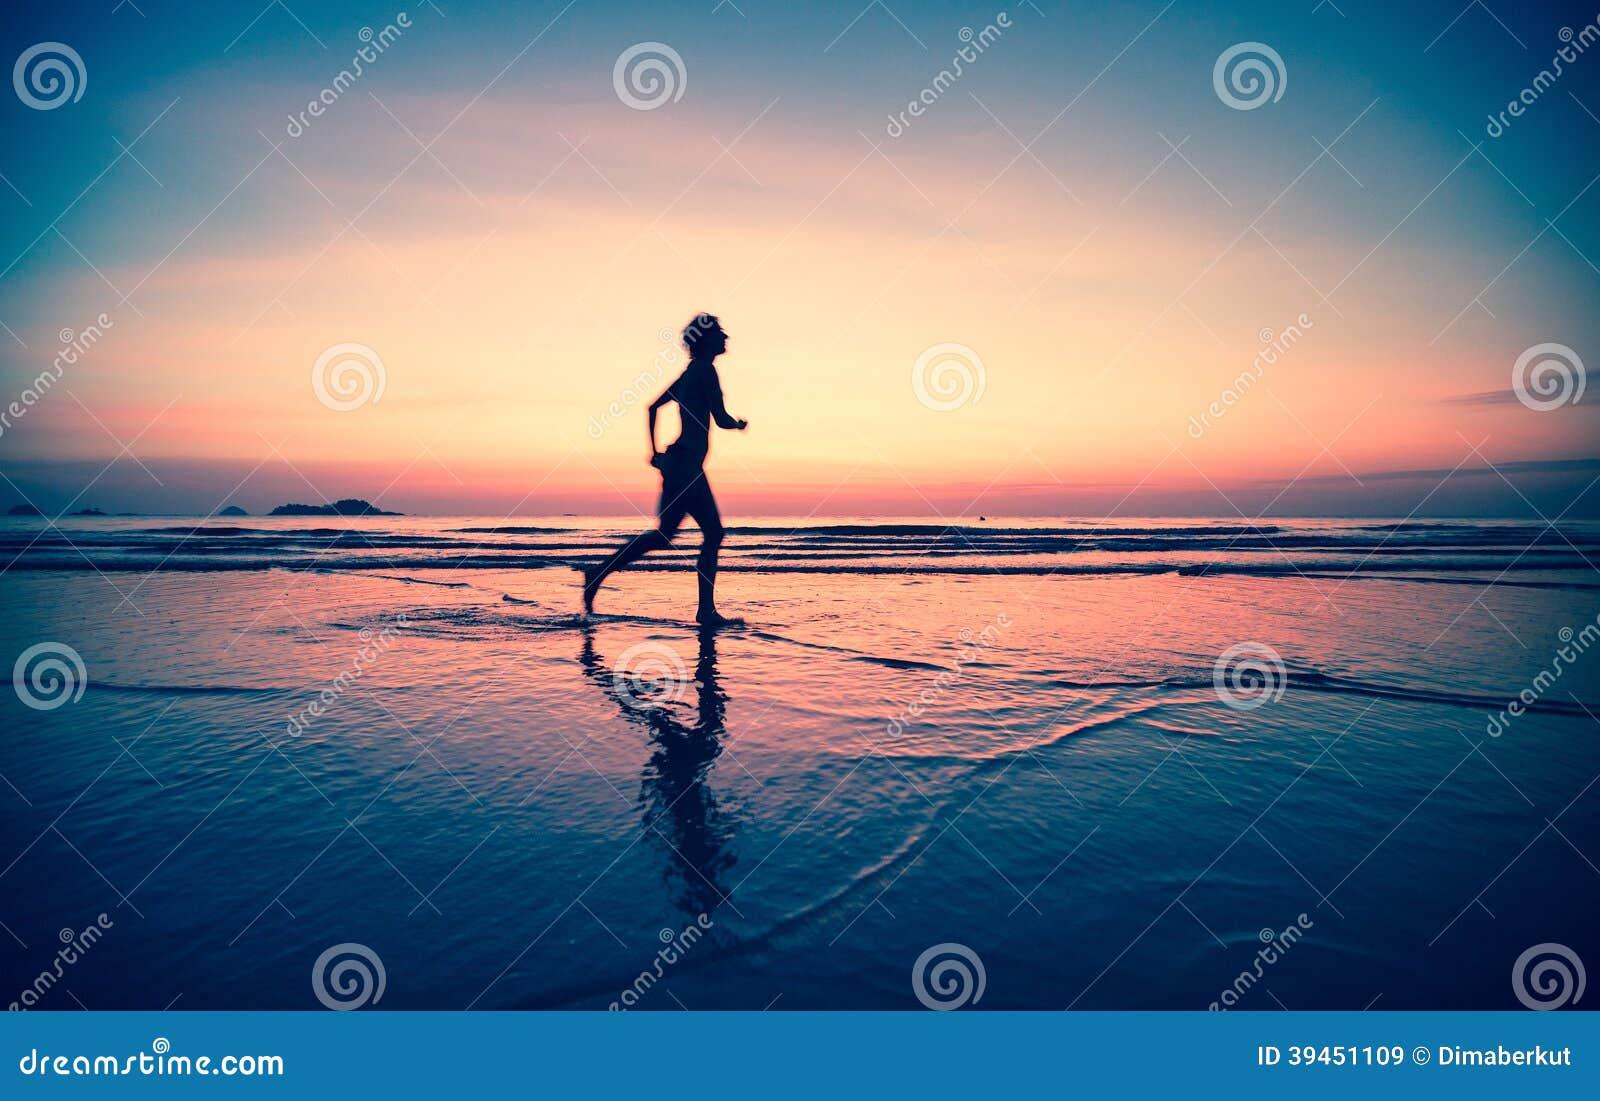 Siluetta di Blured di un pareggiatore della donna sulla spiaggia al tramonto